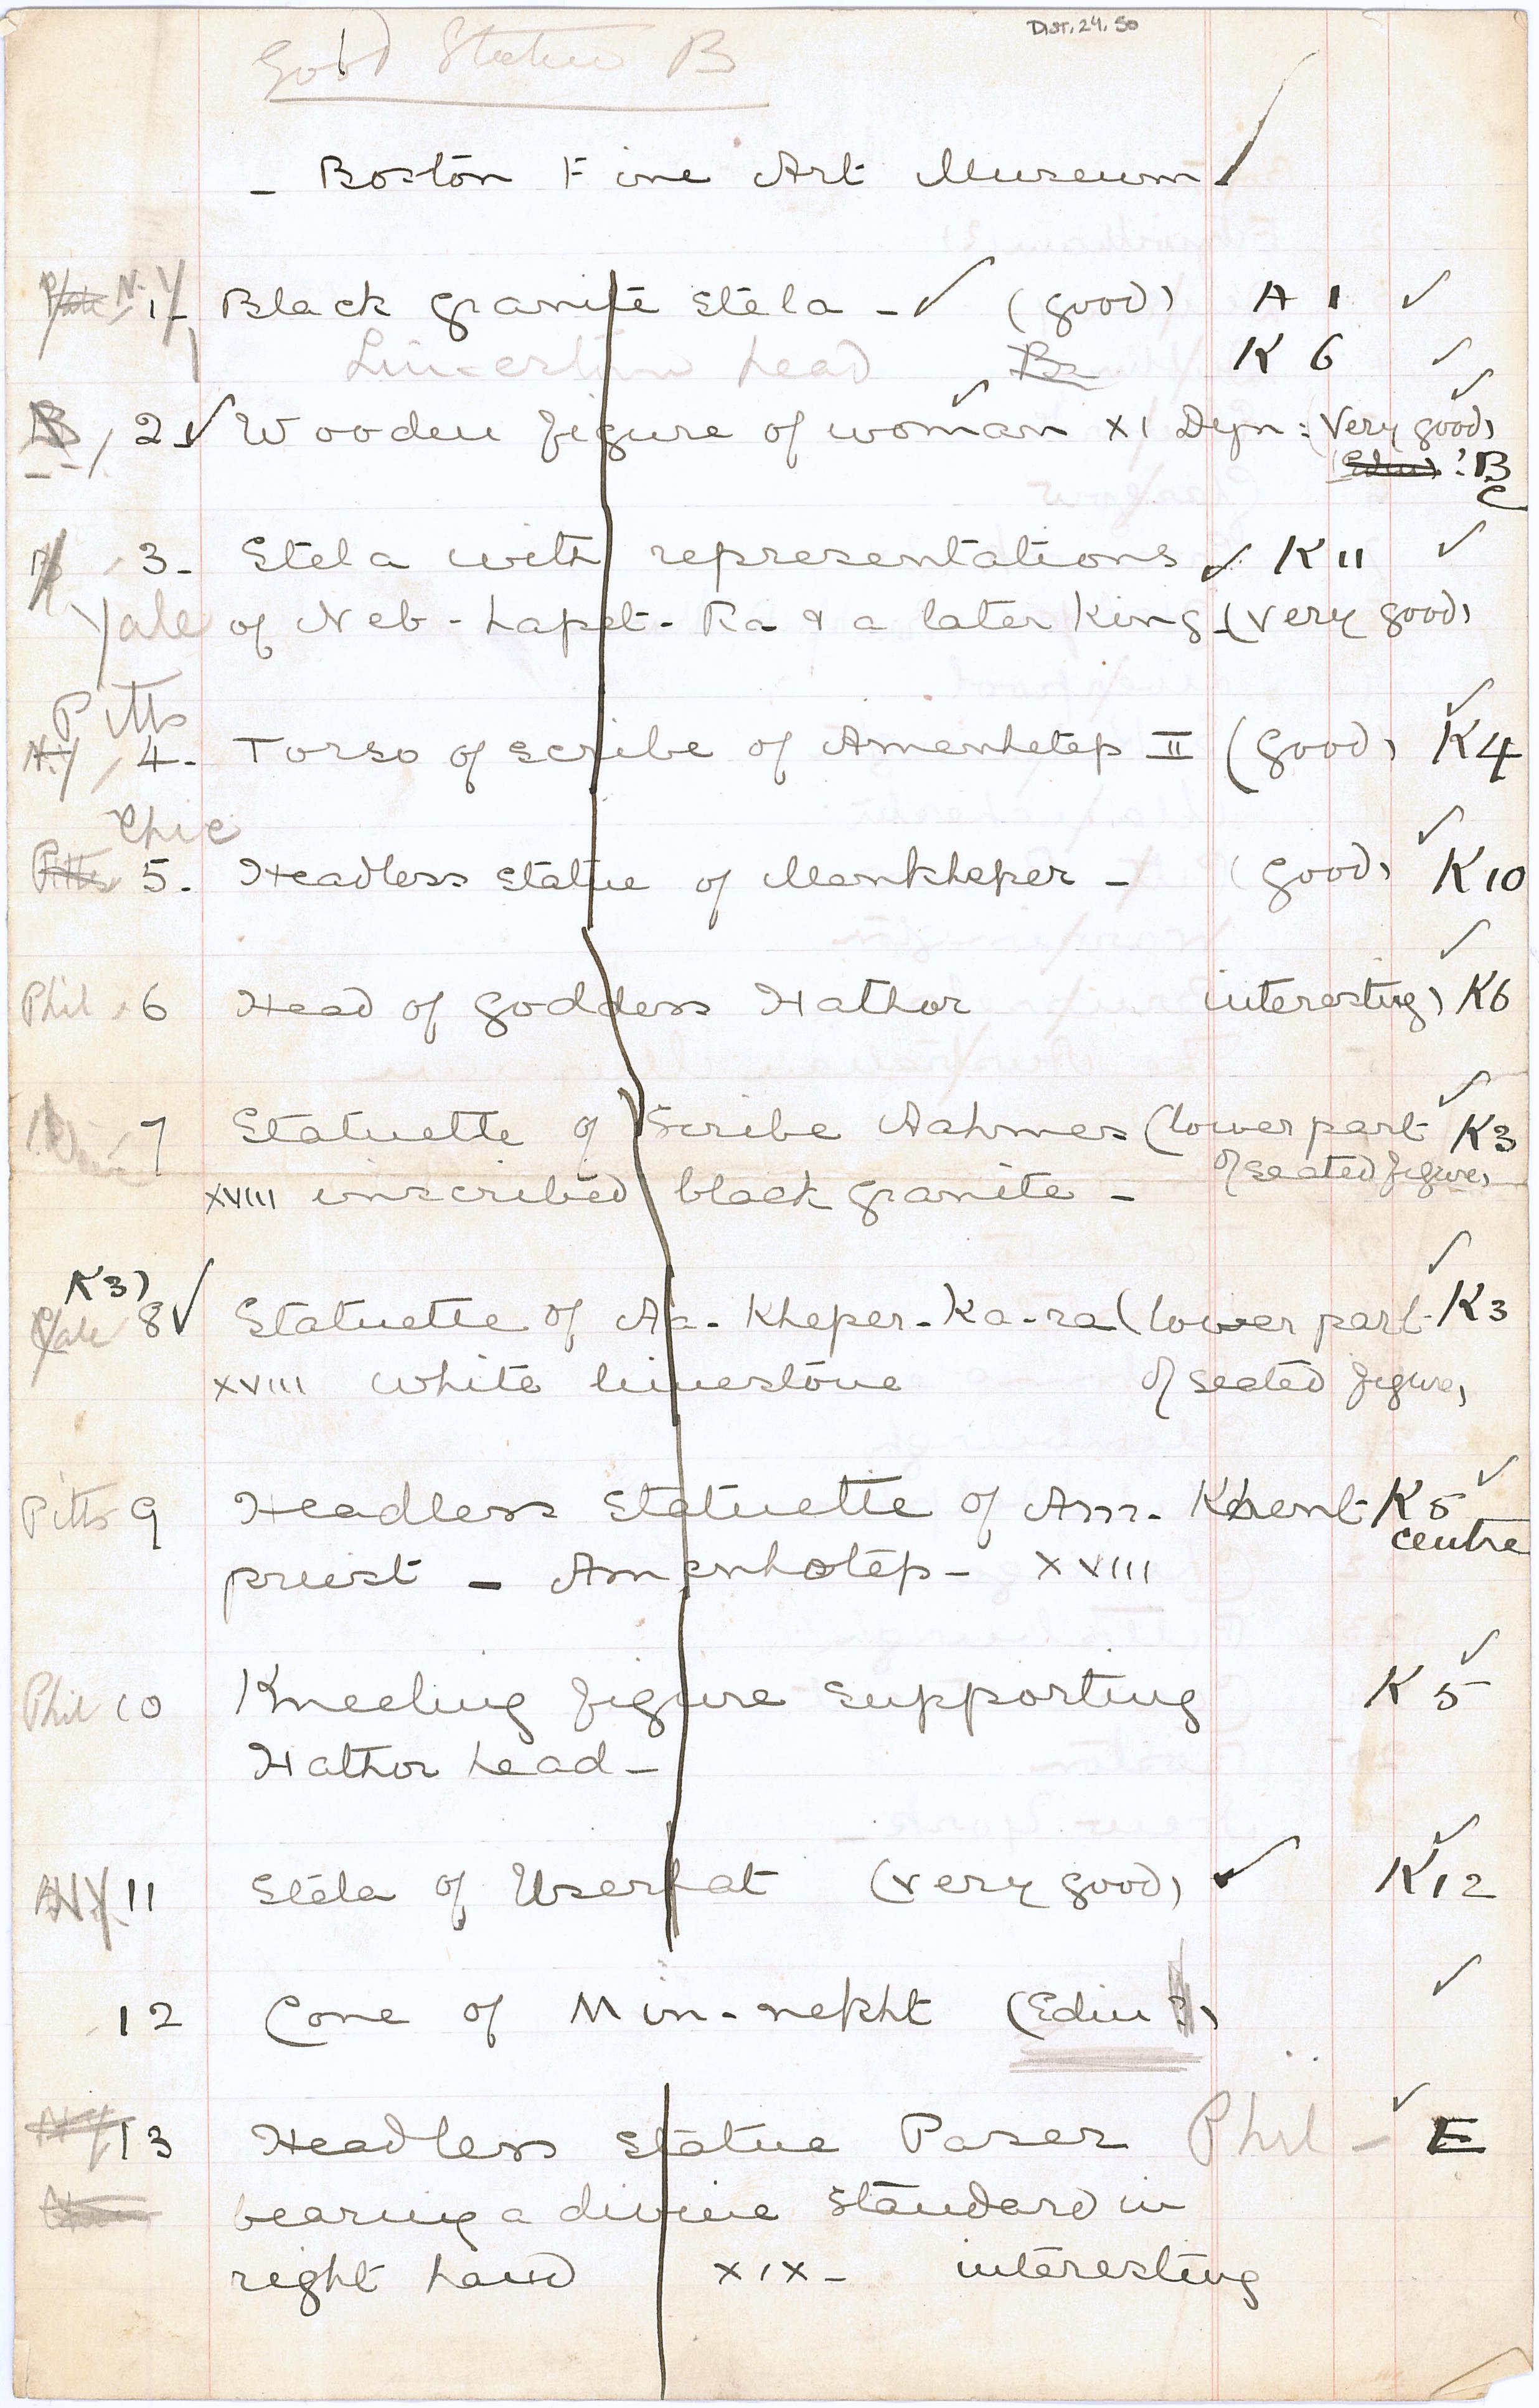 1904-05 Deir el-Bahri, Sinai, Oxyrhynchus DIST.24.50a